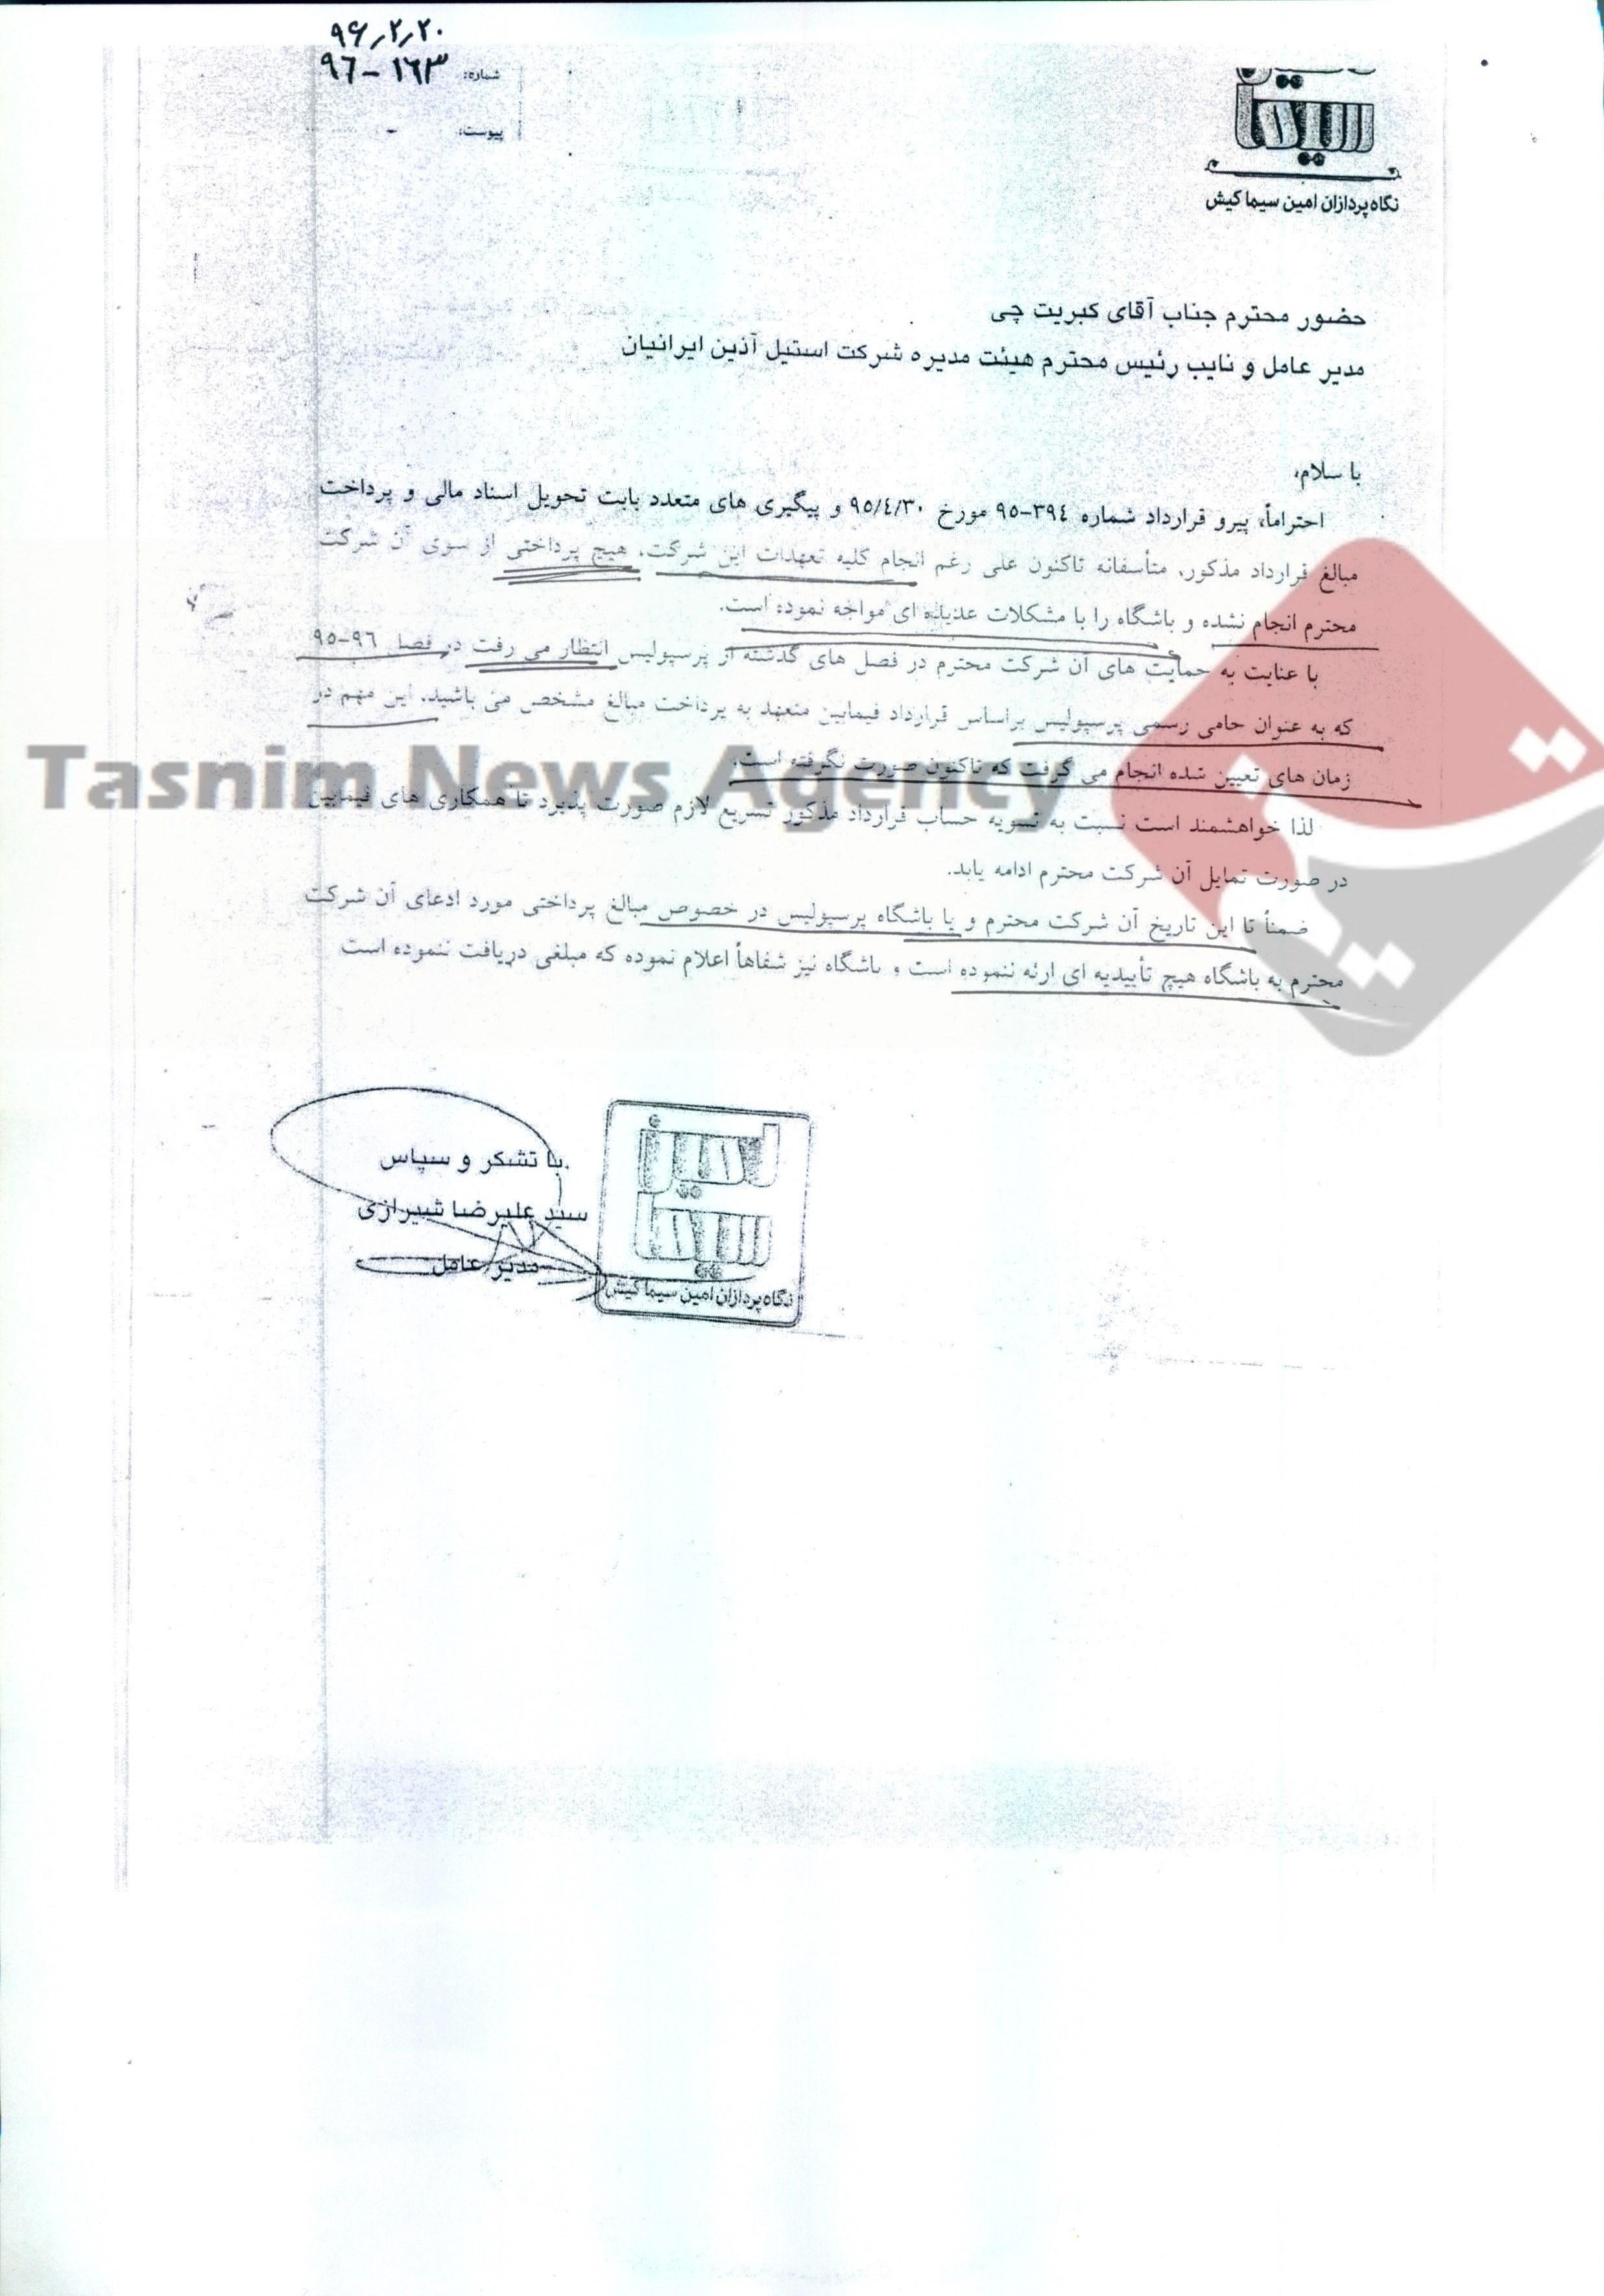 افشاگری مدیر عامل سابق پرسپولیس در مورد ادعاهای حسین هدایتی+ سند